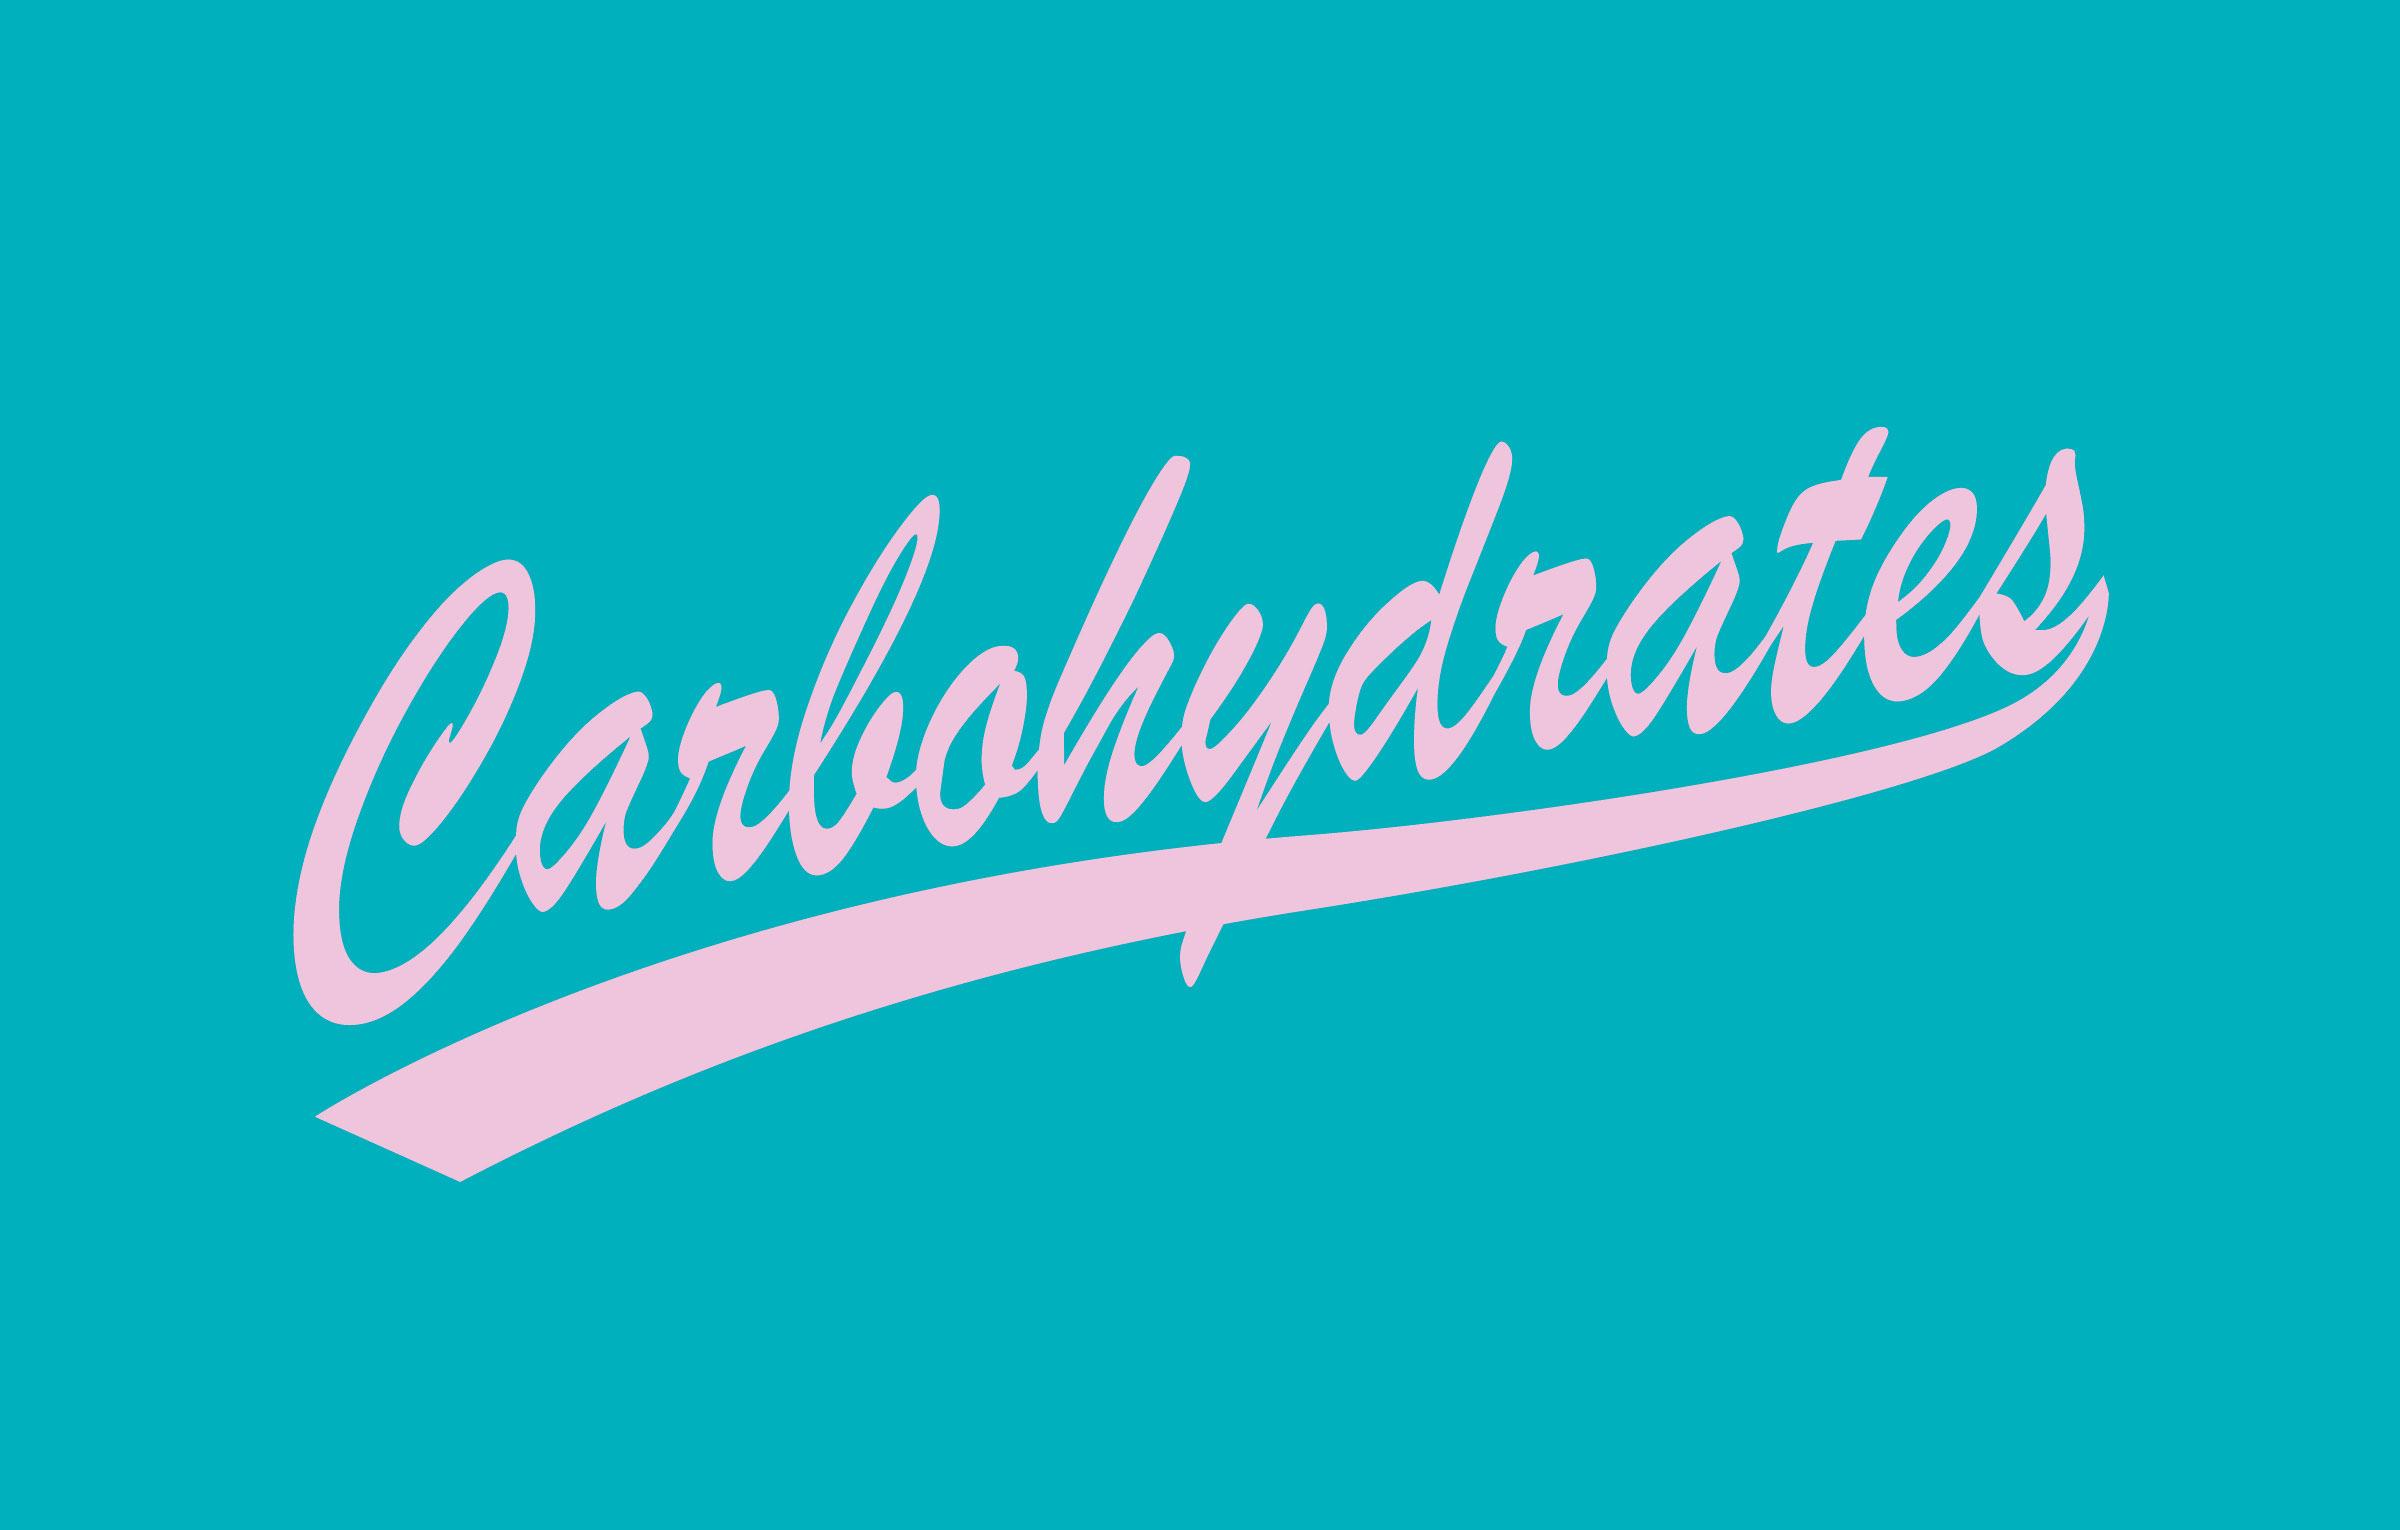 CYM_carbohydrates